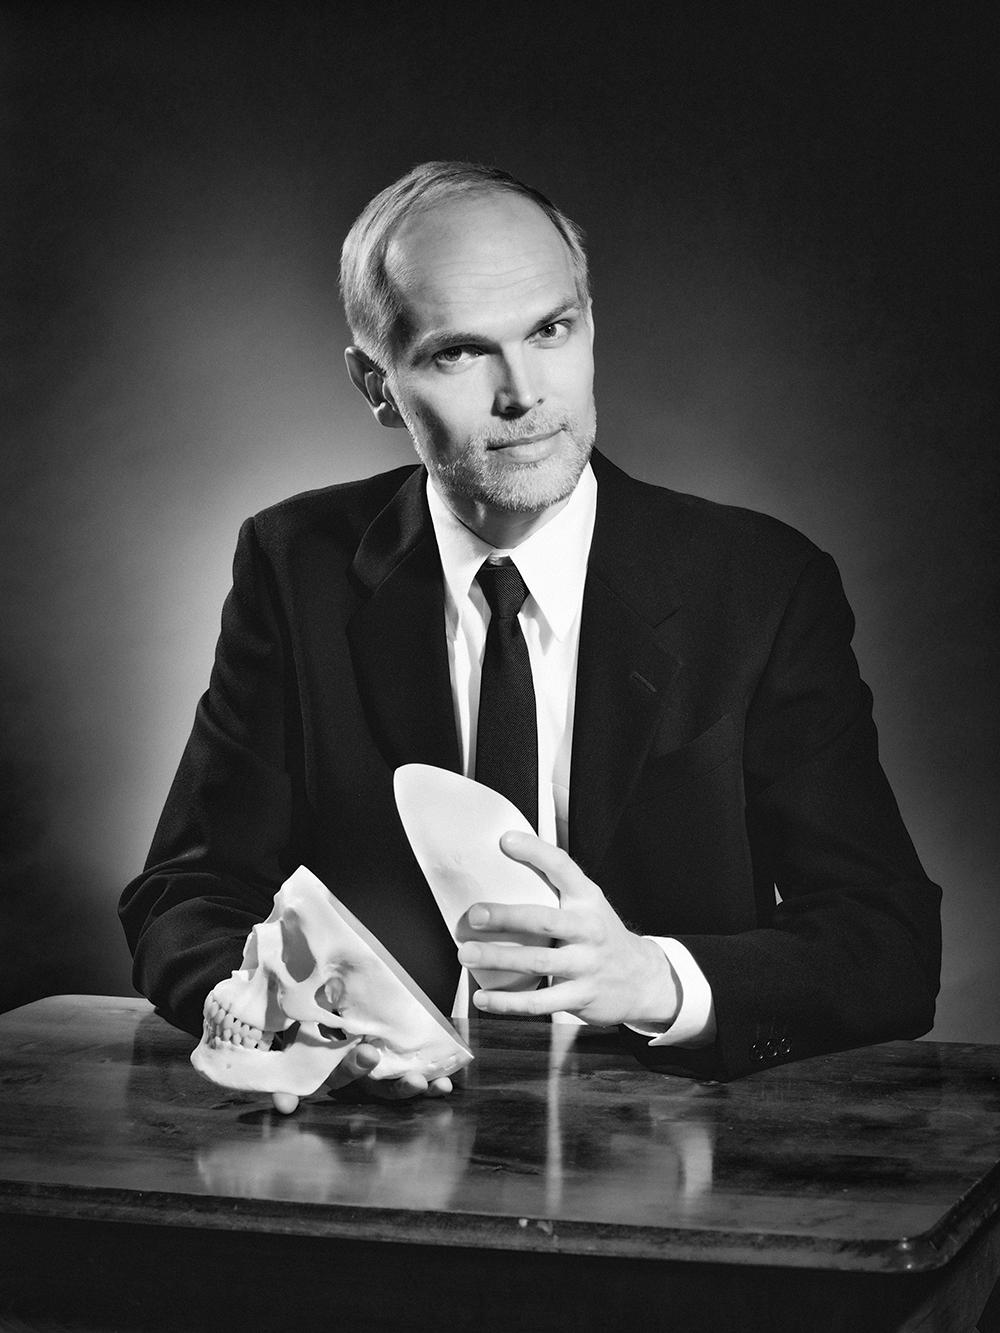 Harri Valpola